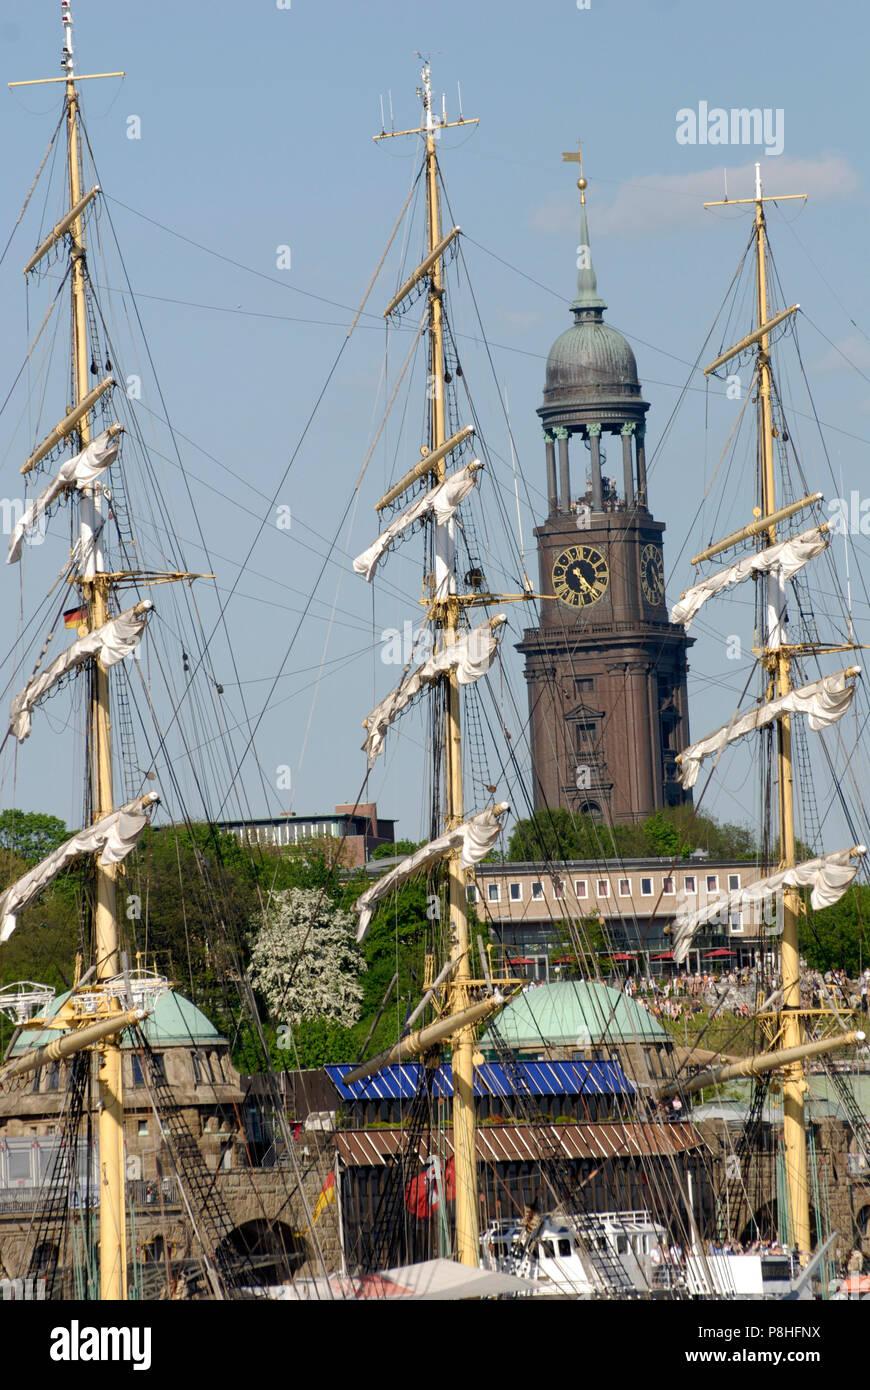 Hafengeburtstag in Hamburg. Schlepper tanzen auf der Elbe. Harbor birthday in Hamburg. - Stock Image